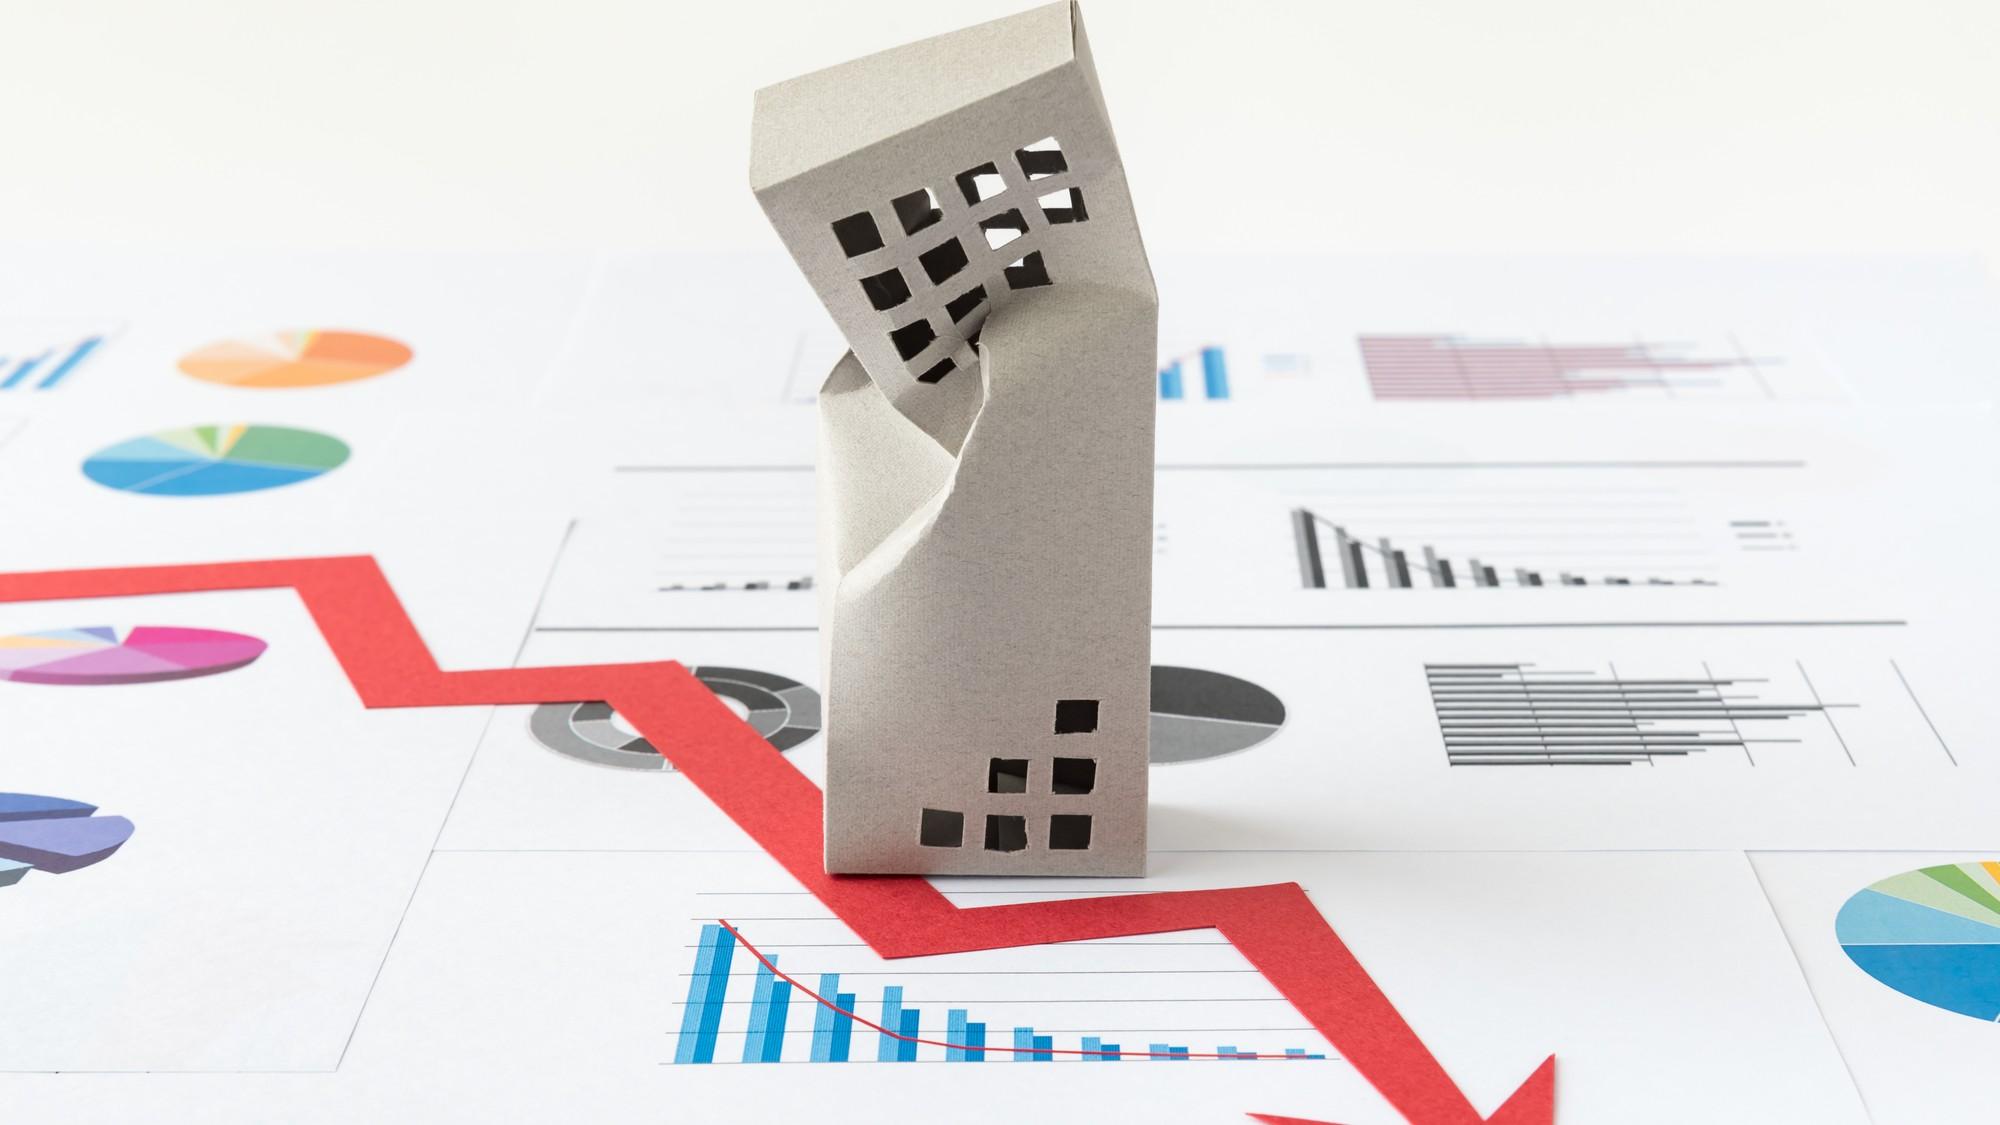 あえて買う投資家も…建築基準法違反物件、バレたらどうなる?